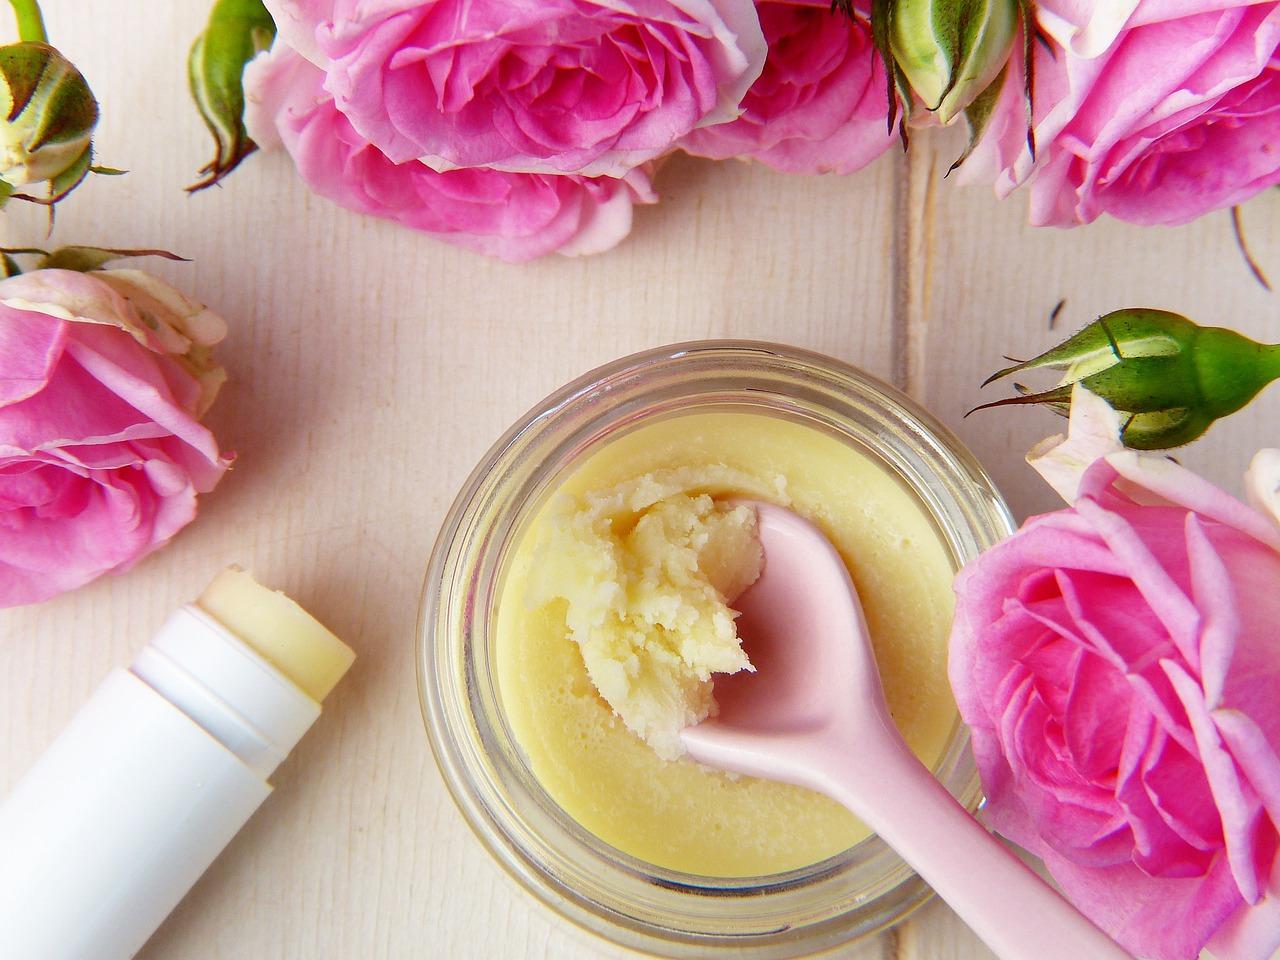 Le collagène est présent dans de nombreuses crème anti-rides efficaces